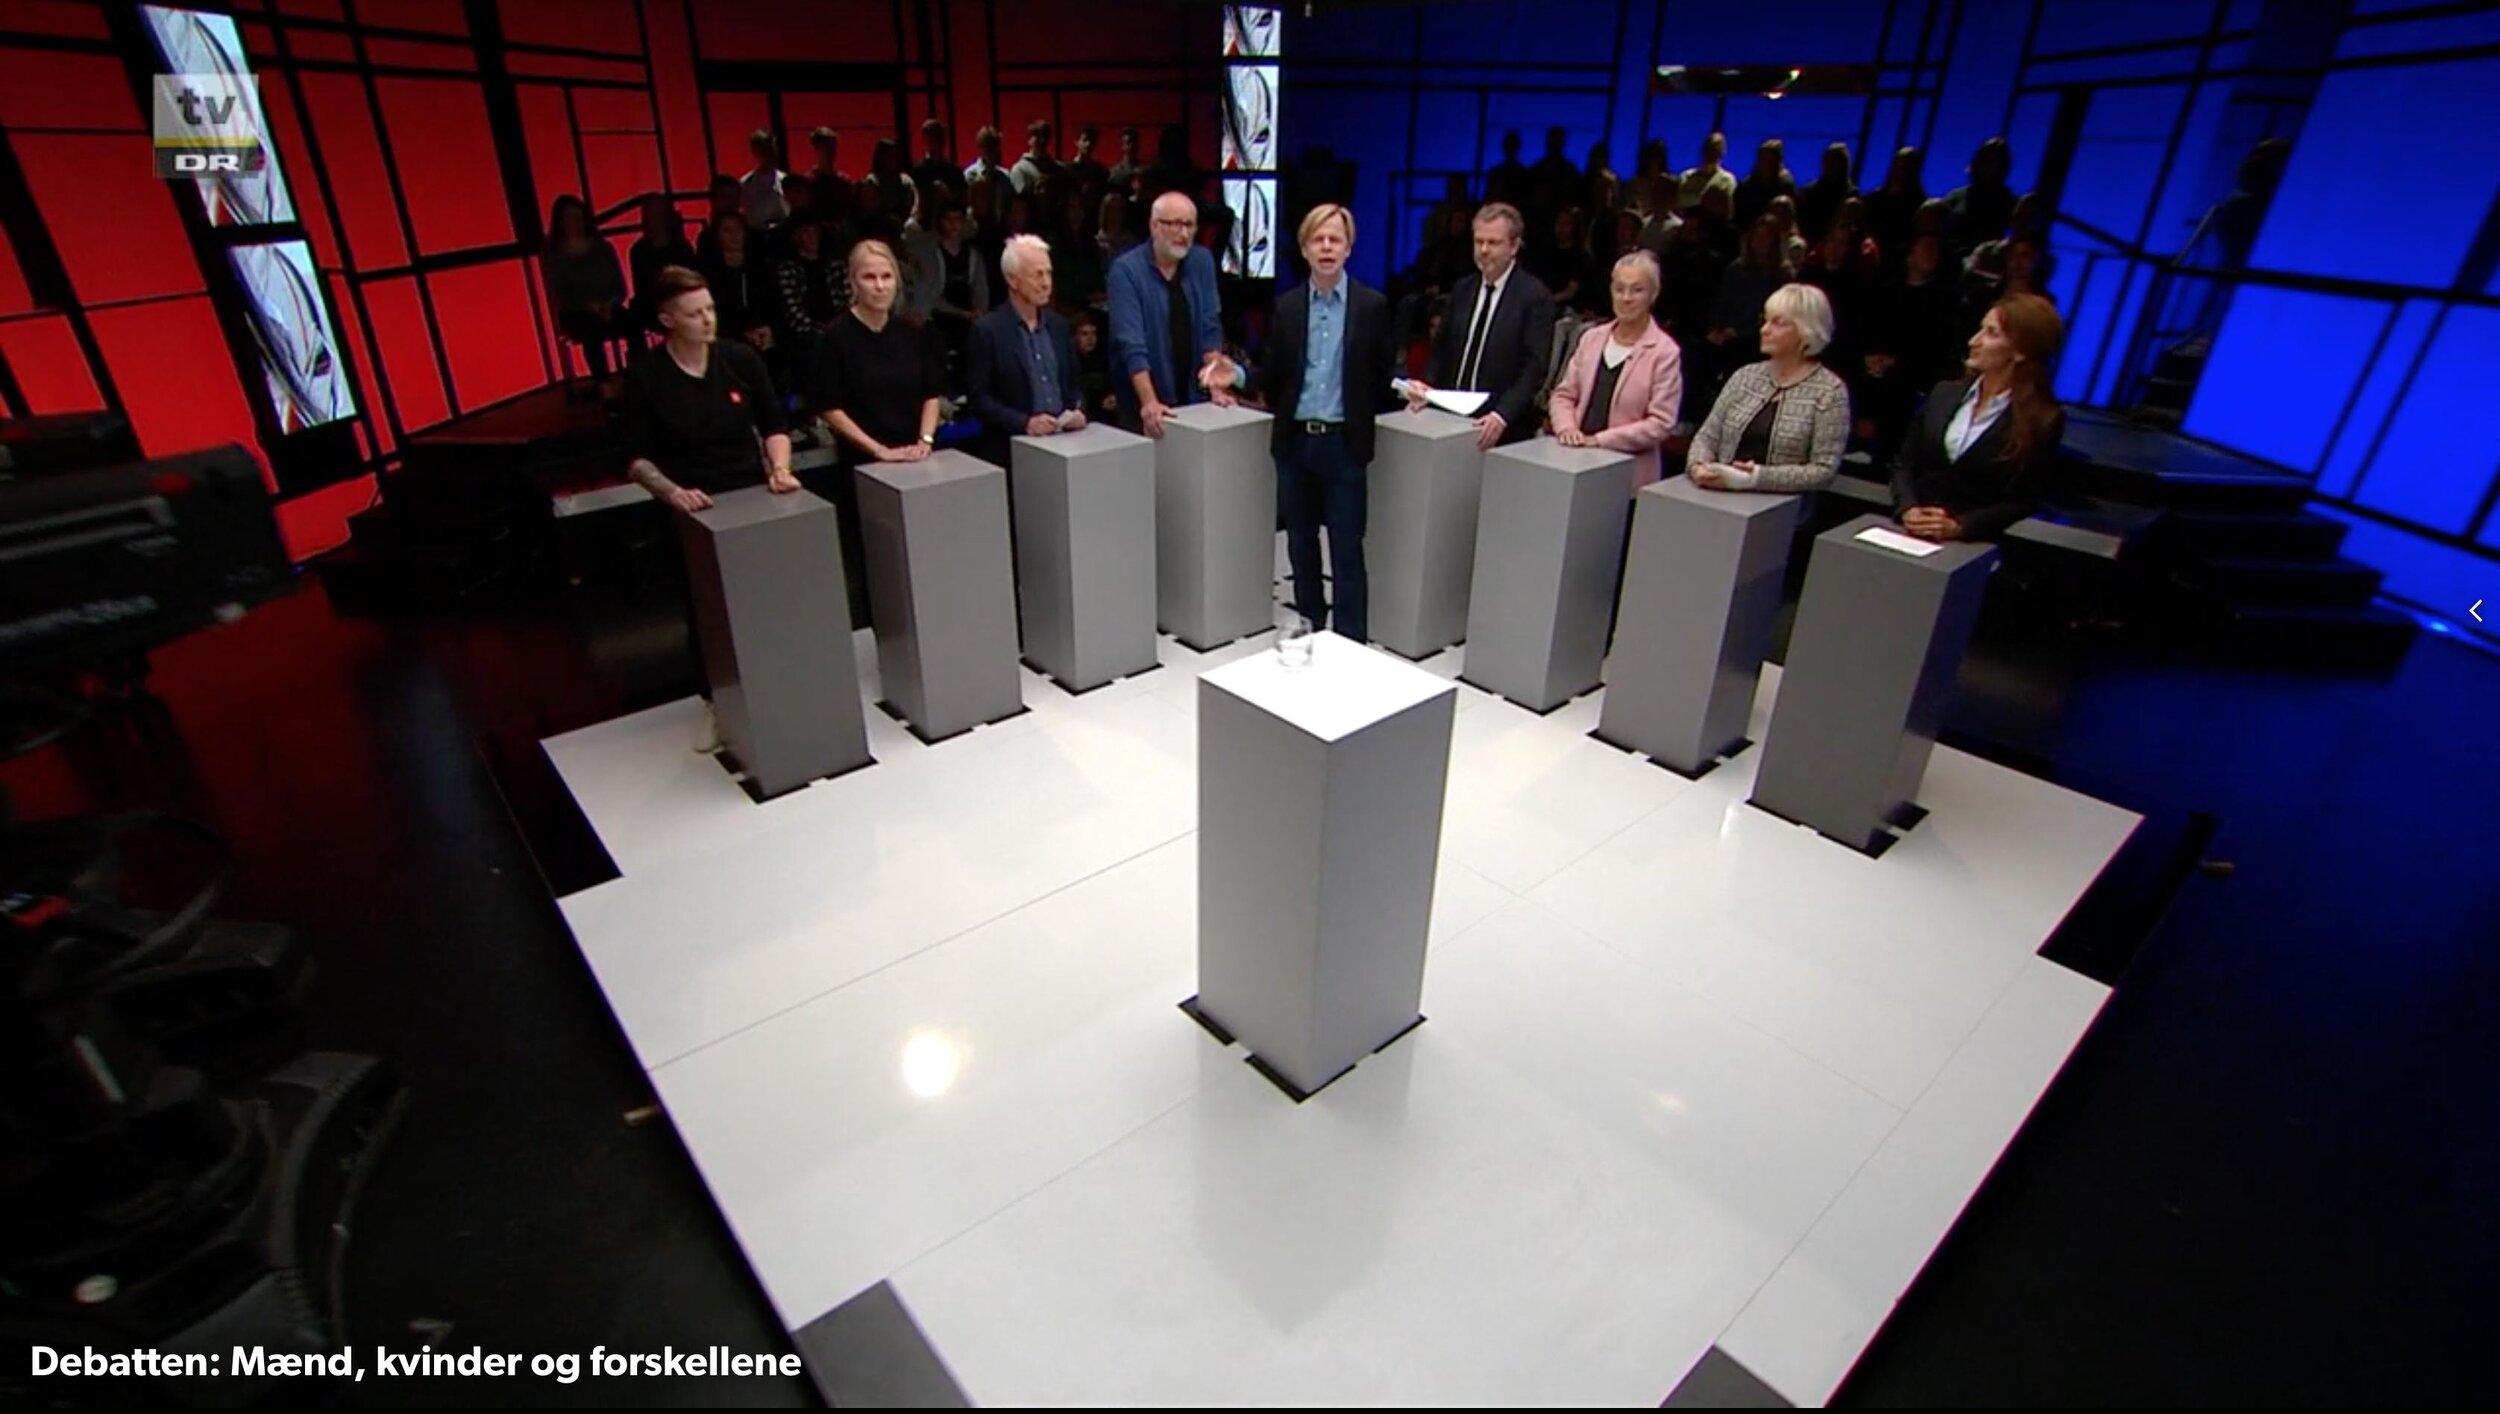 """Billede fra TV udsendelsen """"Debatten"""" i DR TV."""